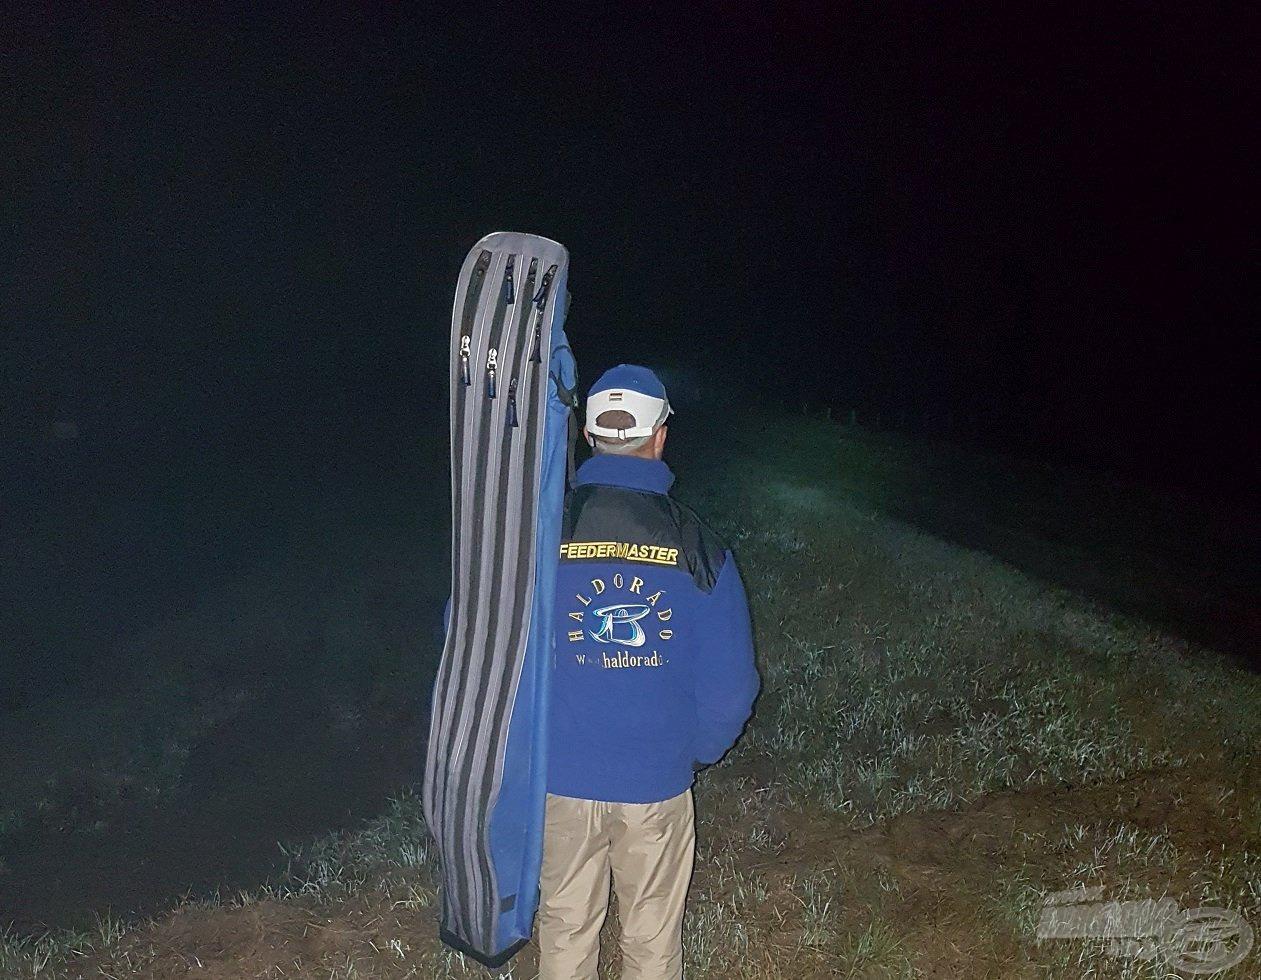 Még sötét volt, mikor a töltéshez értem, de innen még bőséges gyaloglás várt rám a horgászhelyemig